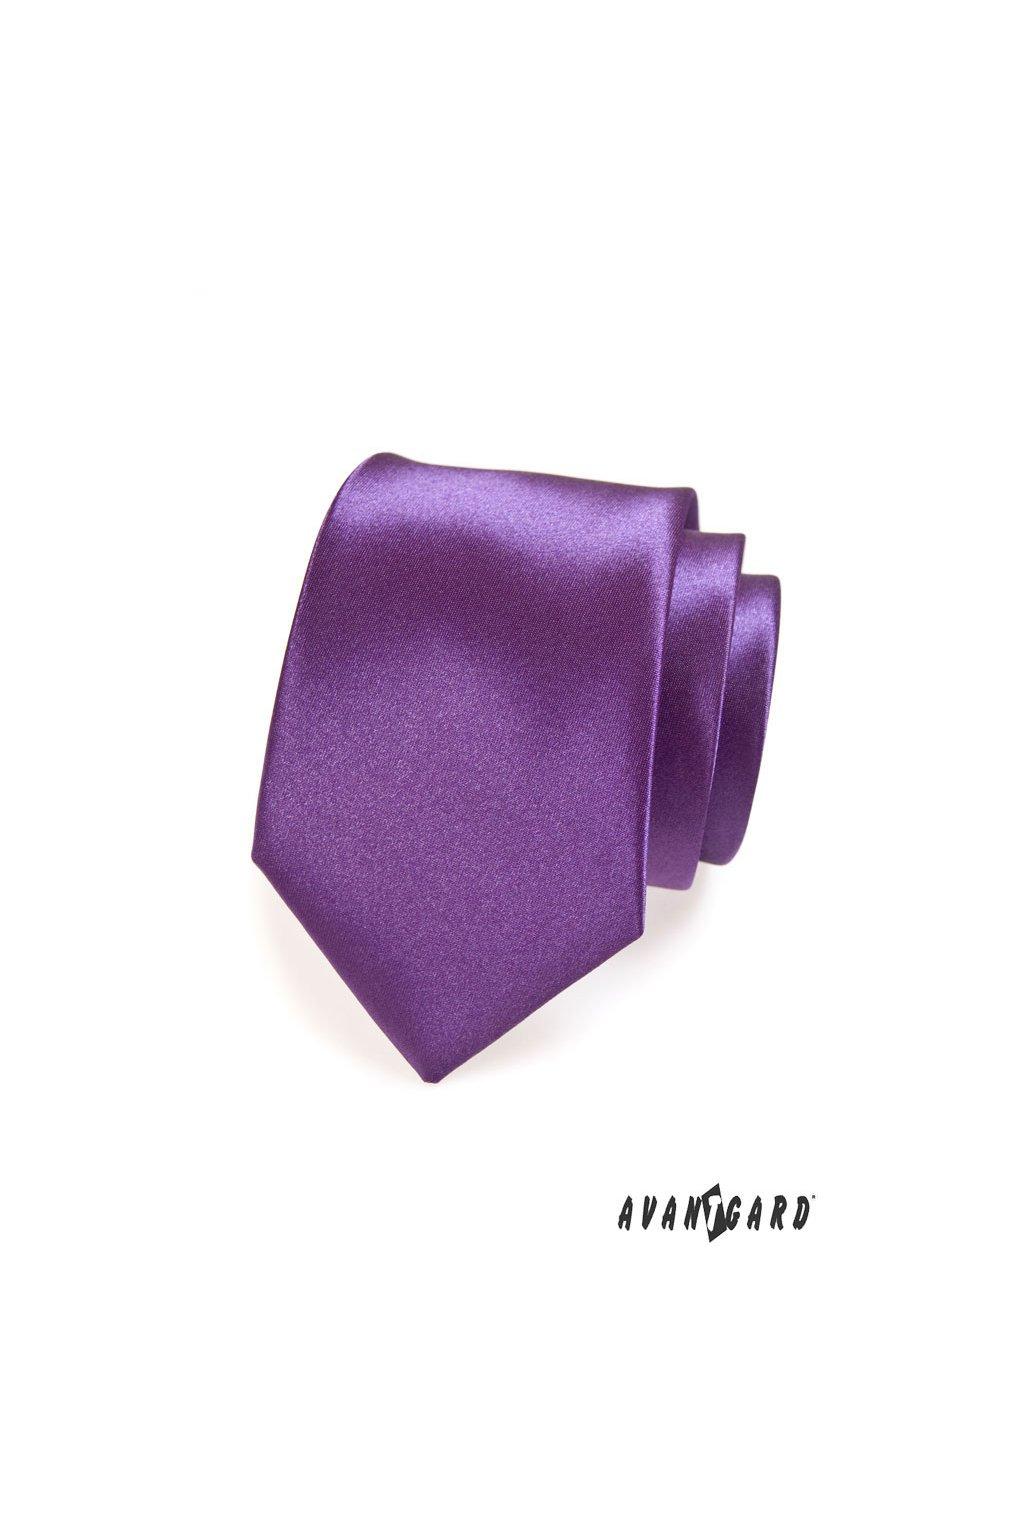 Kravata AVANTGARD LUX fialová 561 - 9017